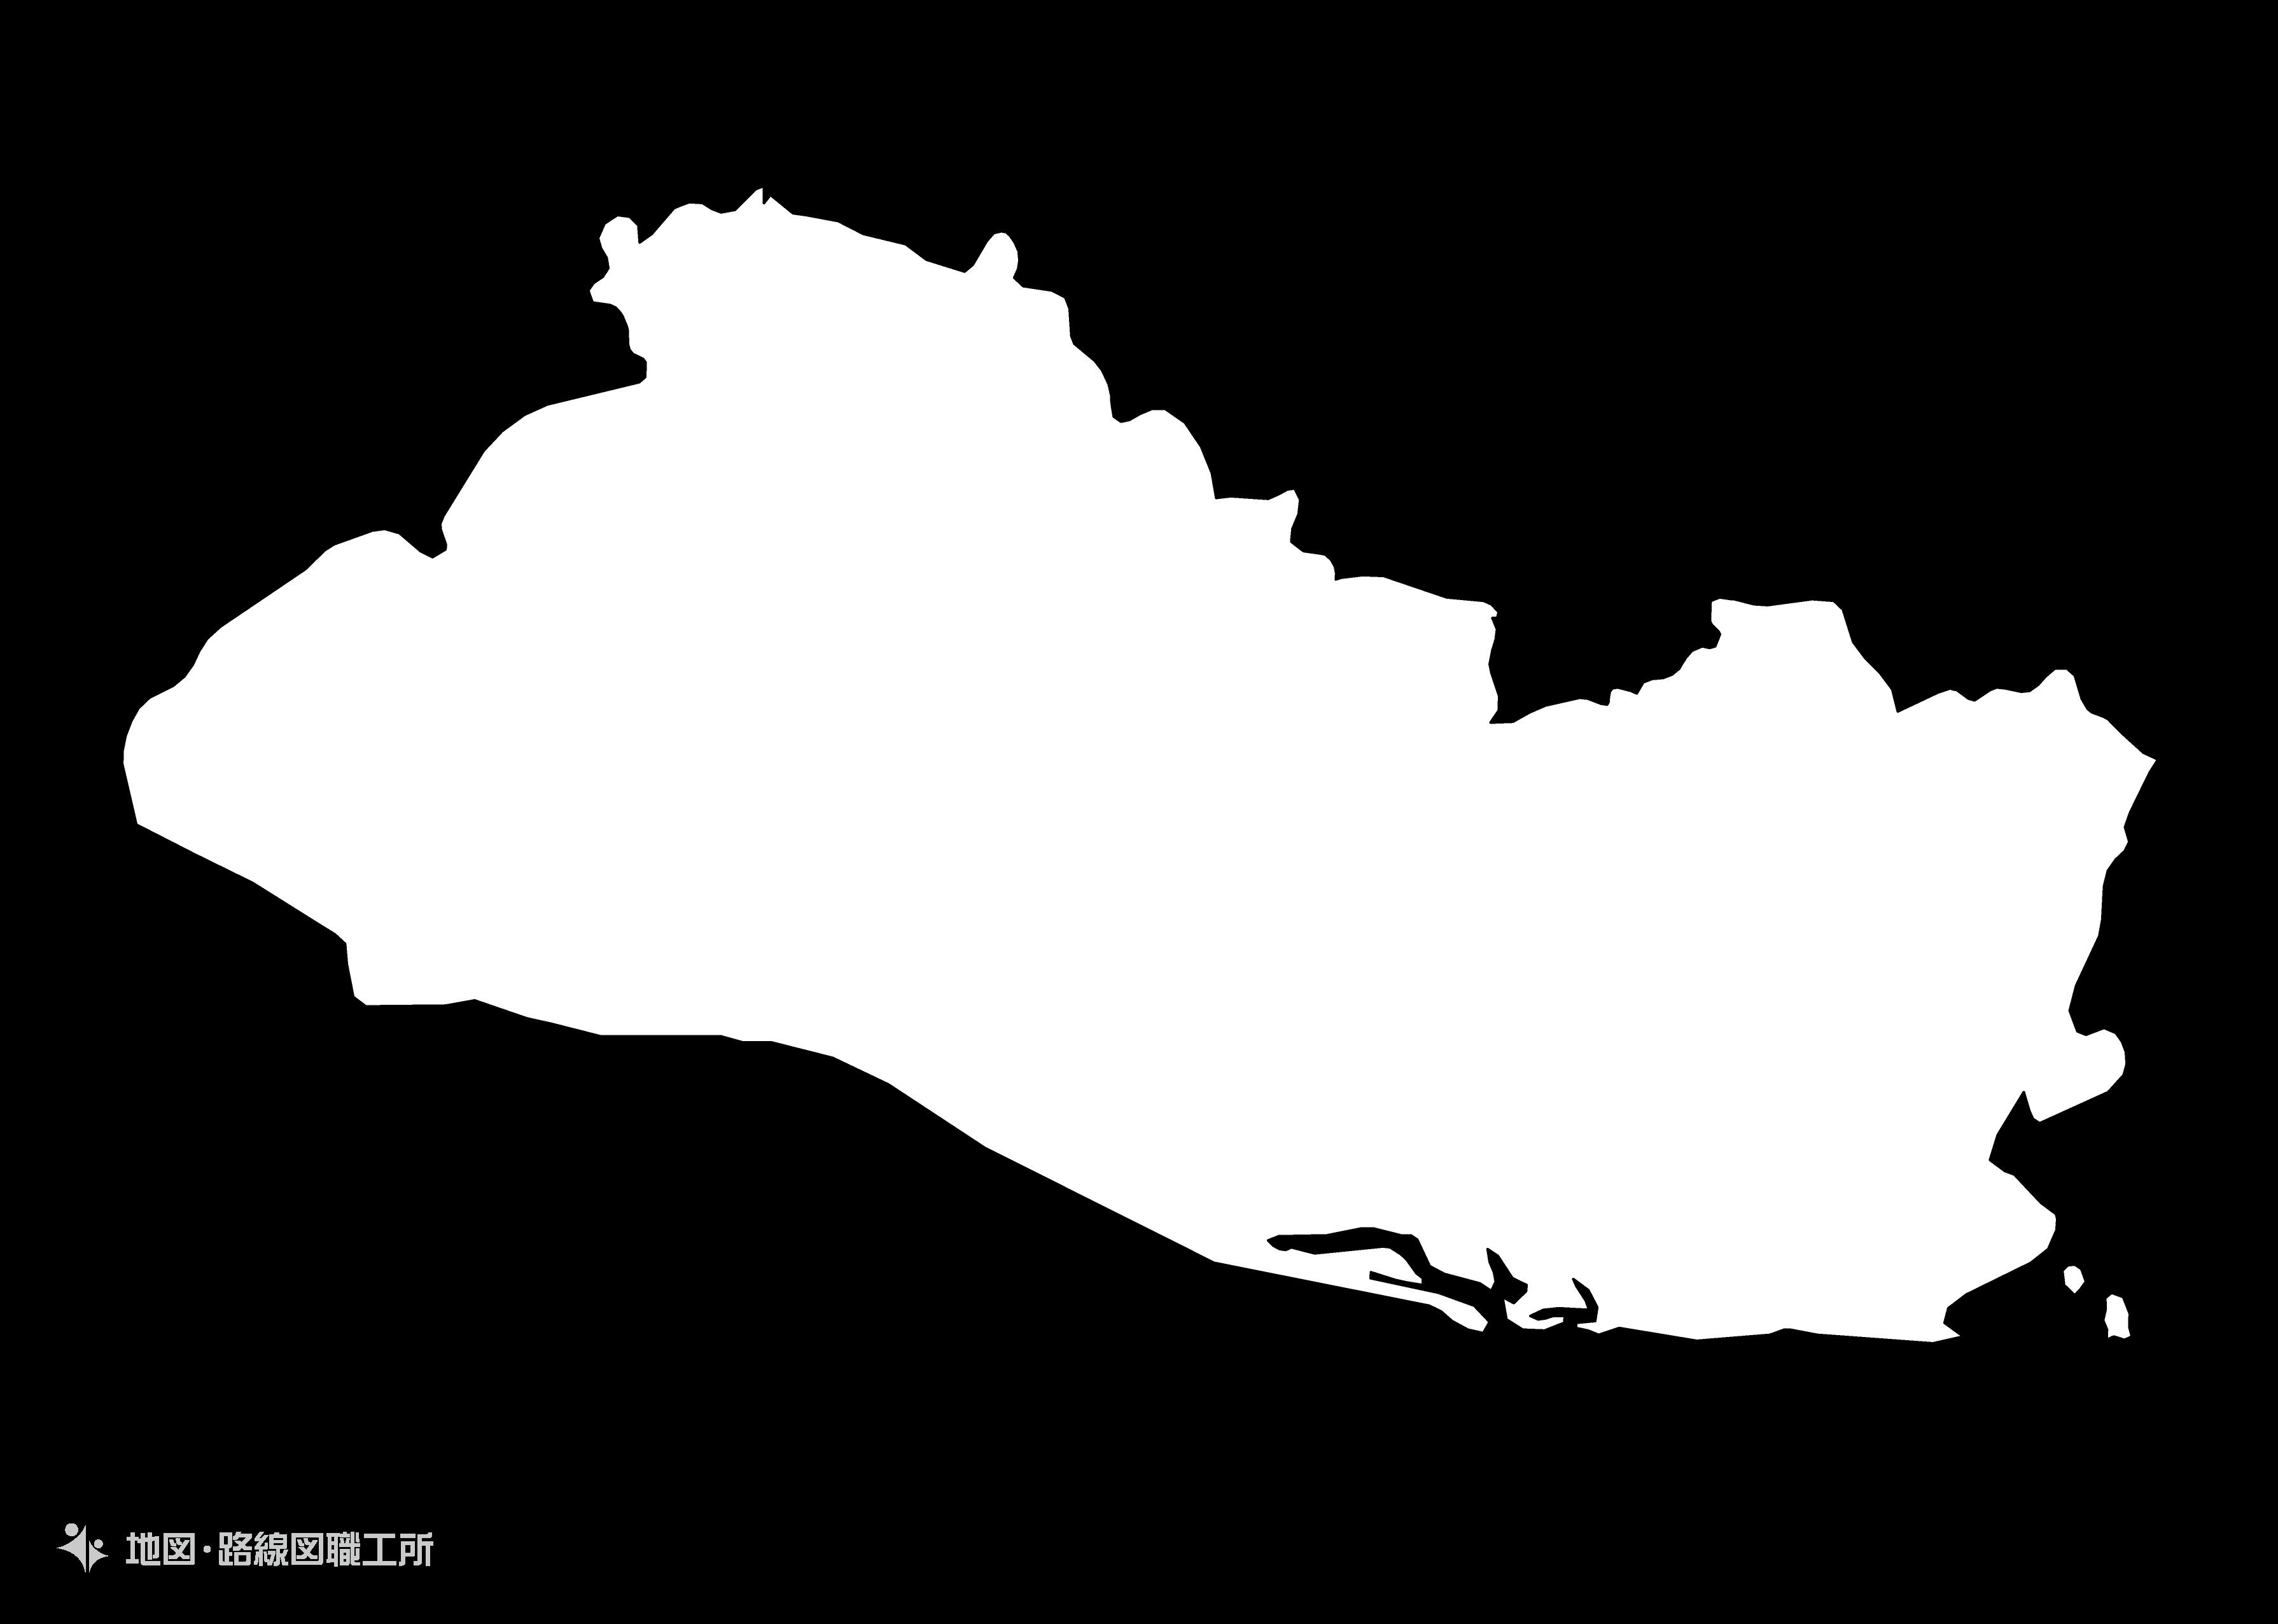 世界の白地図 エルサルバドル共和国 republic-of-el-salvadorrepublic-of-el-salvador map